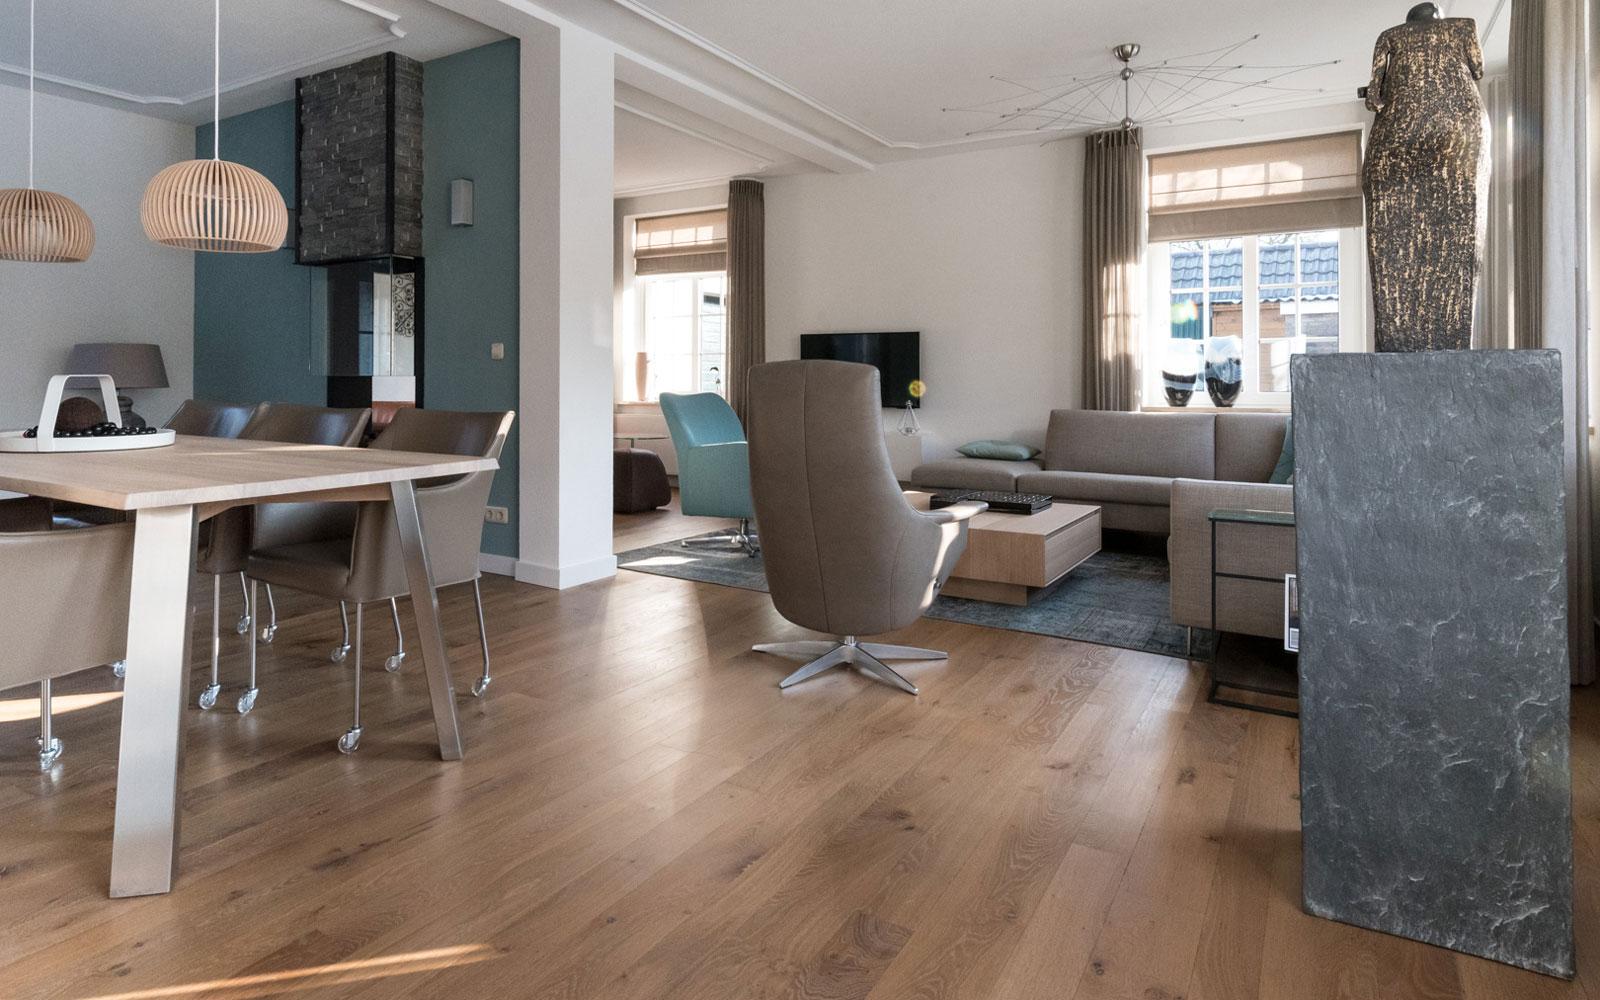 Woonkamer, houten vloer, doorkijkhaard, ruimtelijk, hoekbank, Metamorfose interieur | MarStyling | Van Oort Interieurs